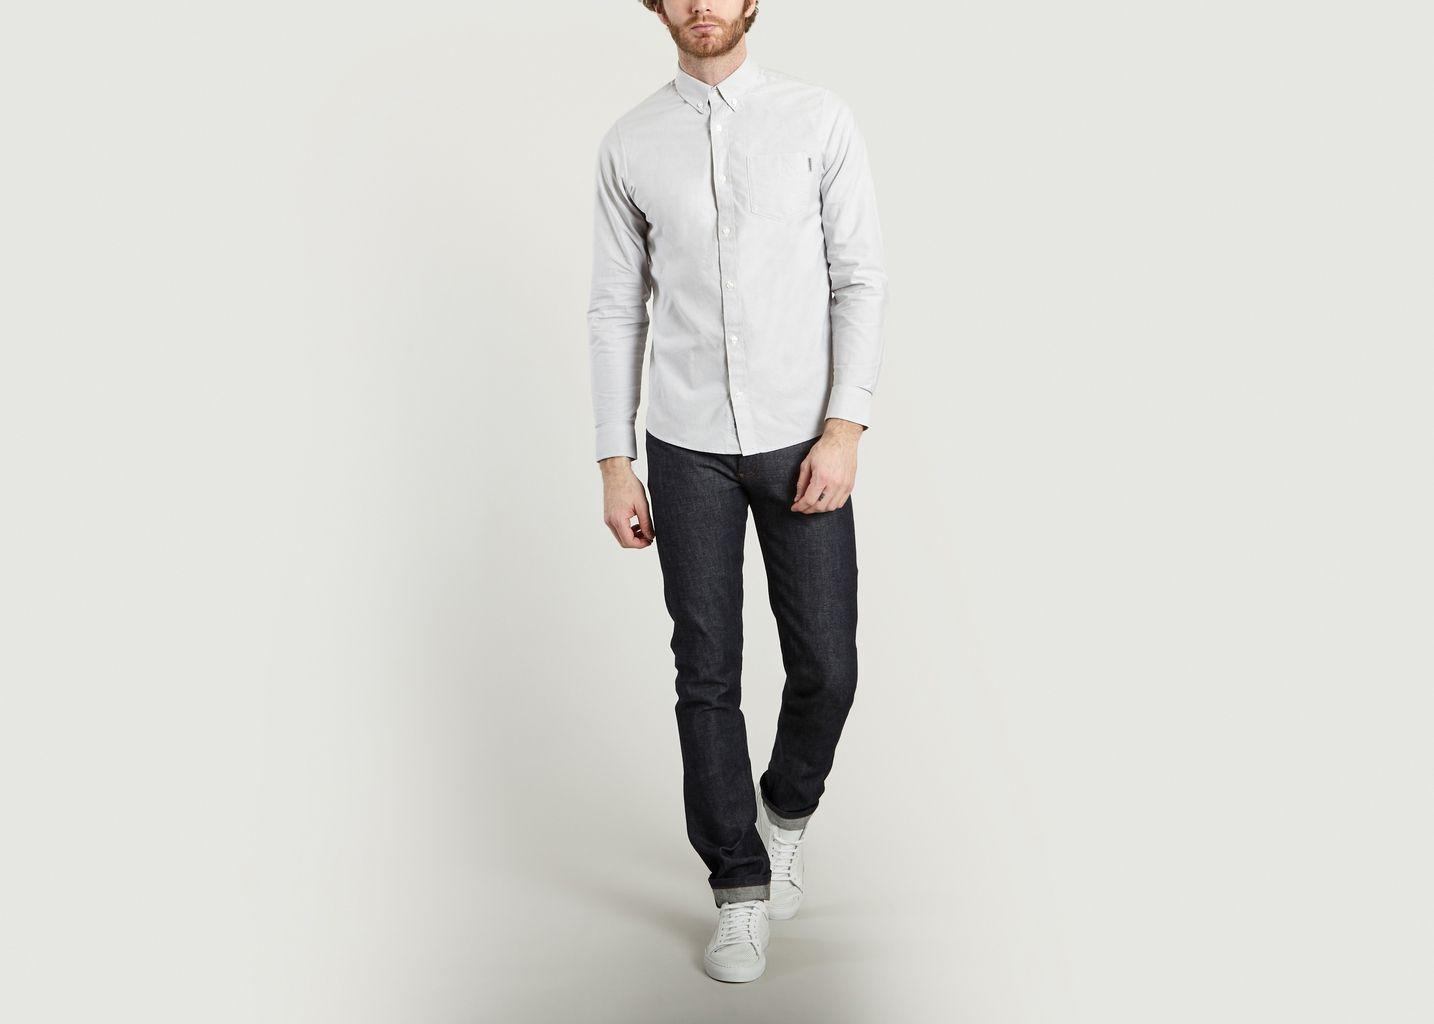 Oxford Button Down Shirt - Carhartt WIP